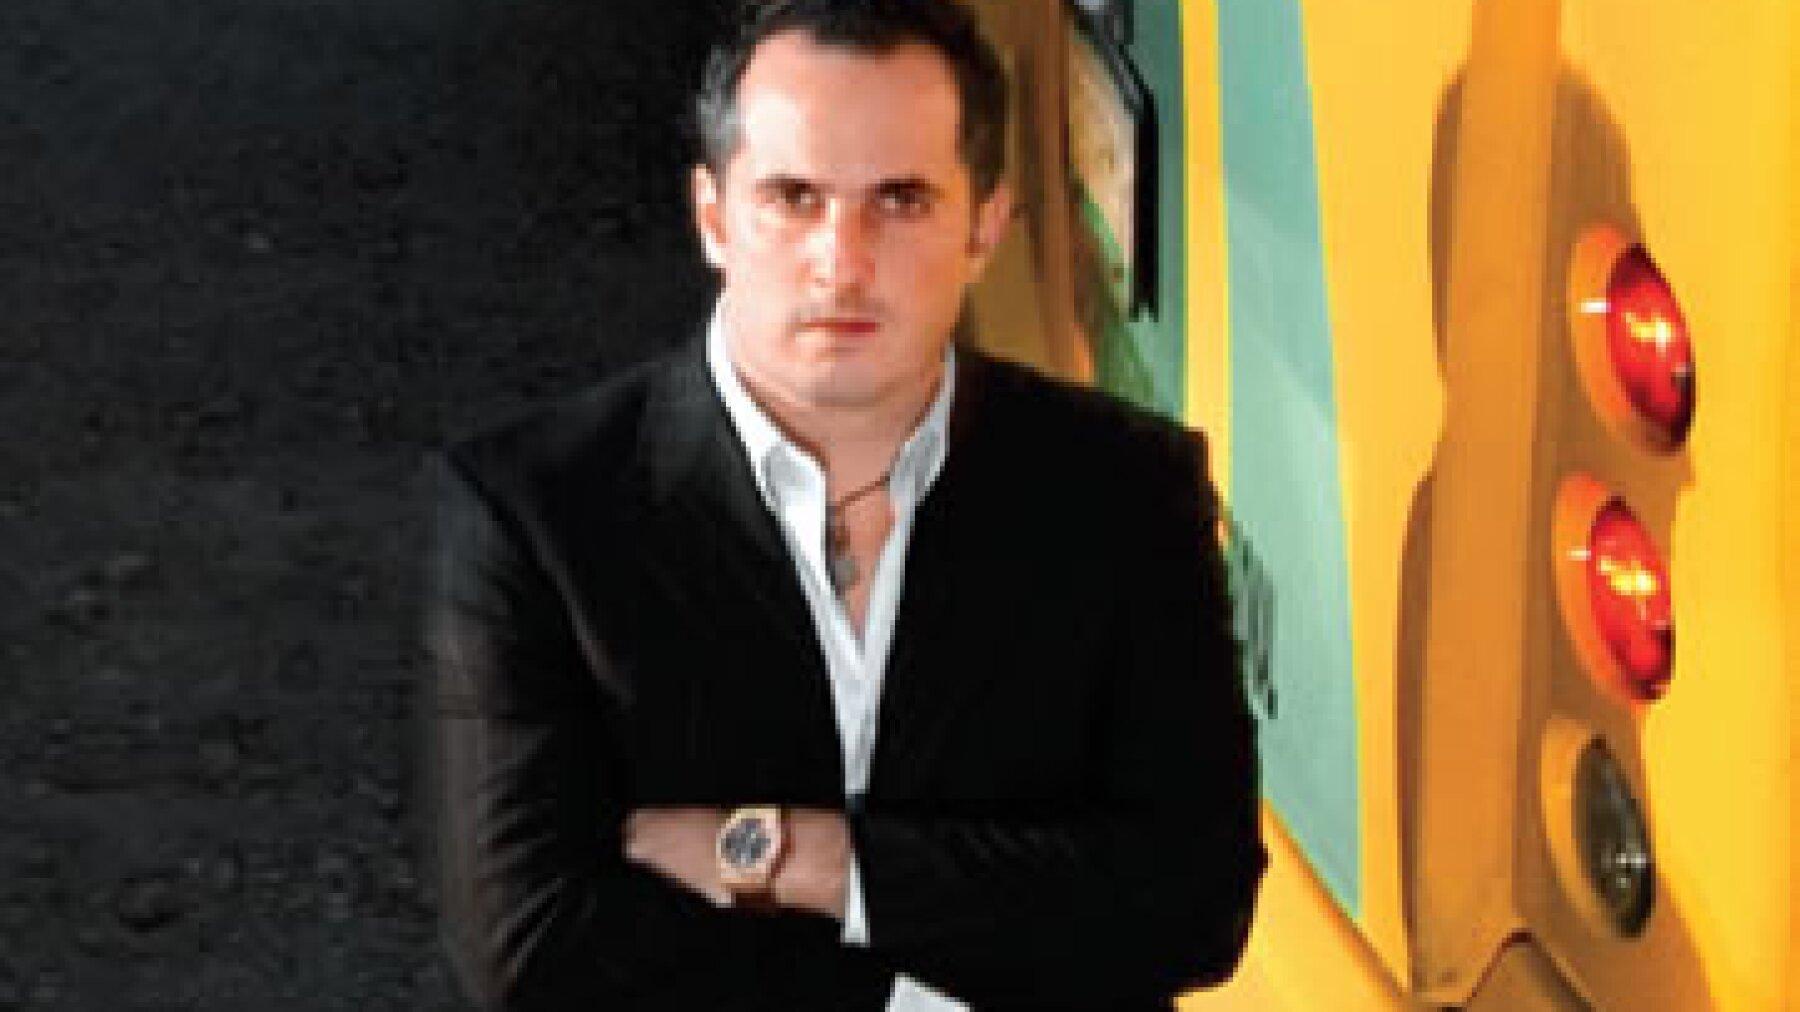 Aby Lijtszain lidera las empresas de transporte: Lipu (escolar), UTEP (escolar y de personal) y MyM (de mudanzas). (Foto: Duilio Rodríguez)